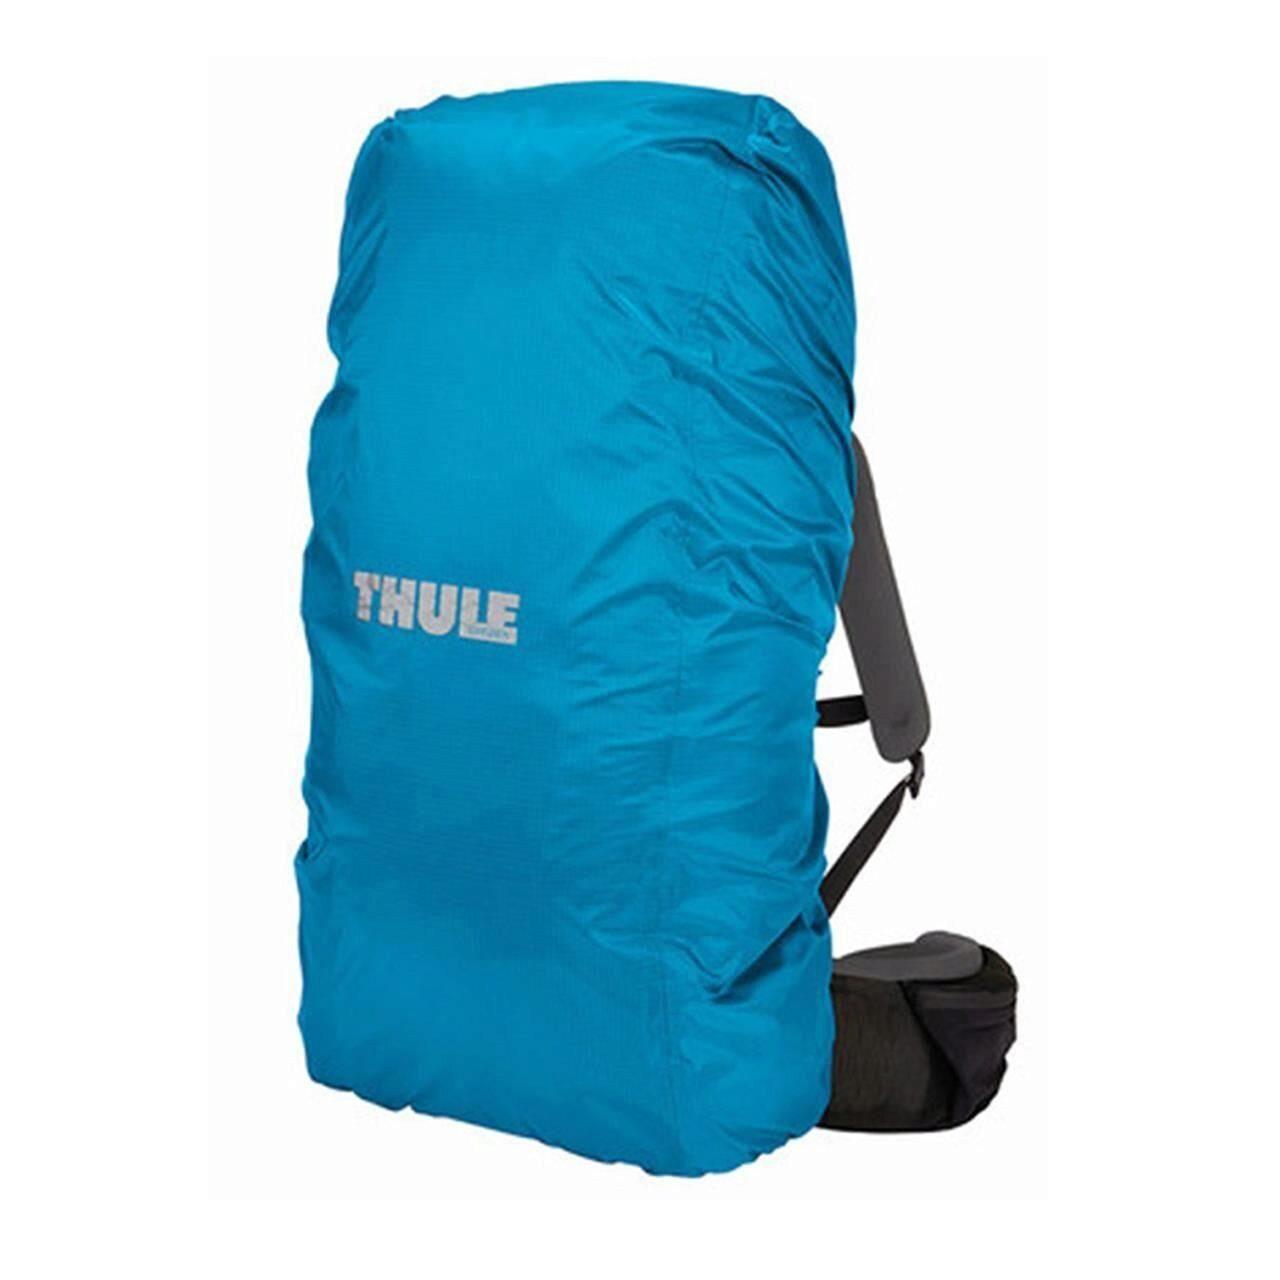 Husa de protectie ploaie pentru rucsacuri Thule 55-74L Rain Cover Thule Blue